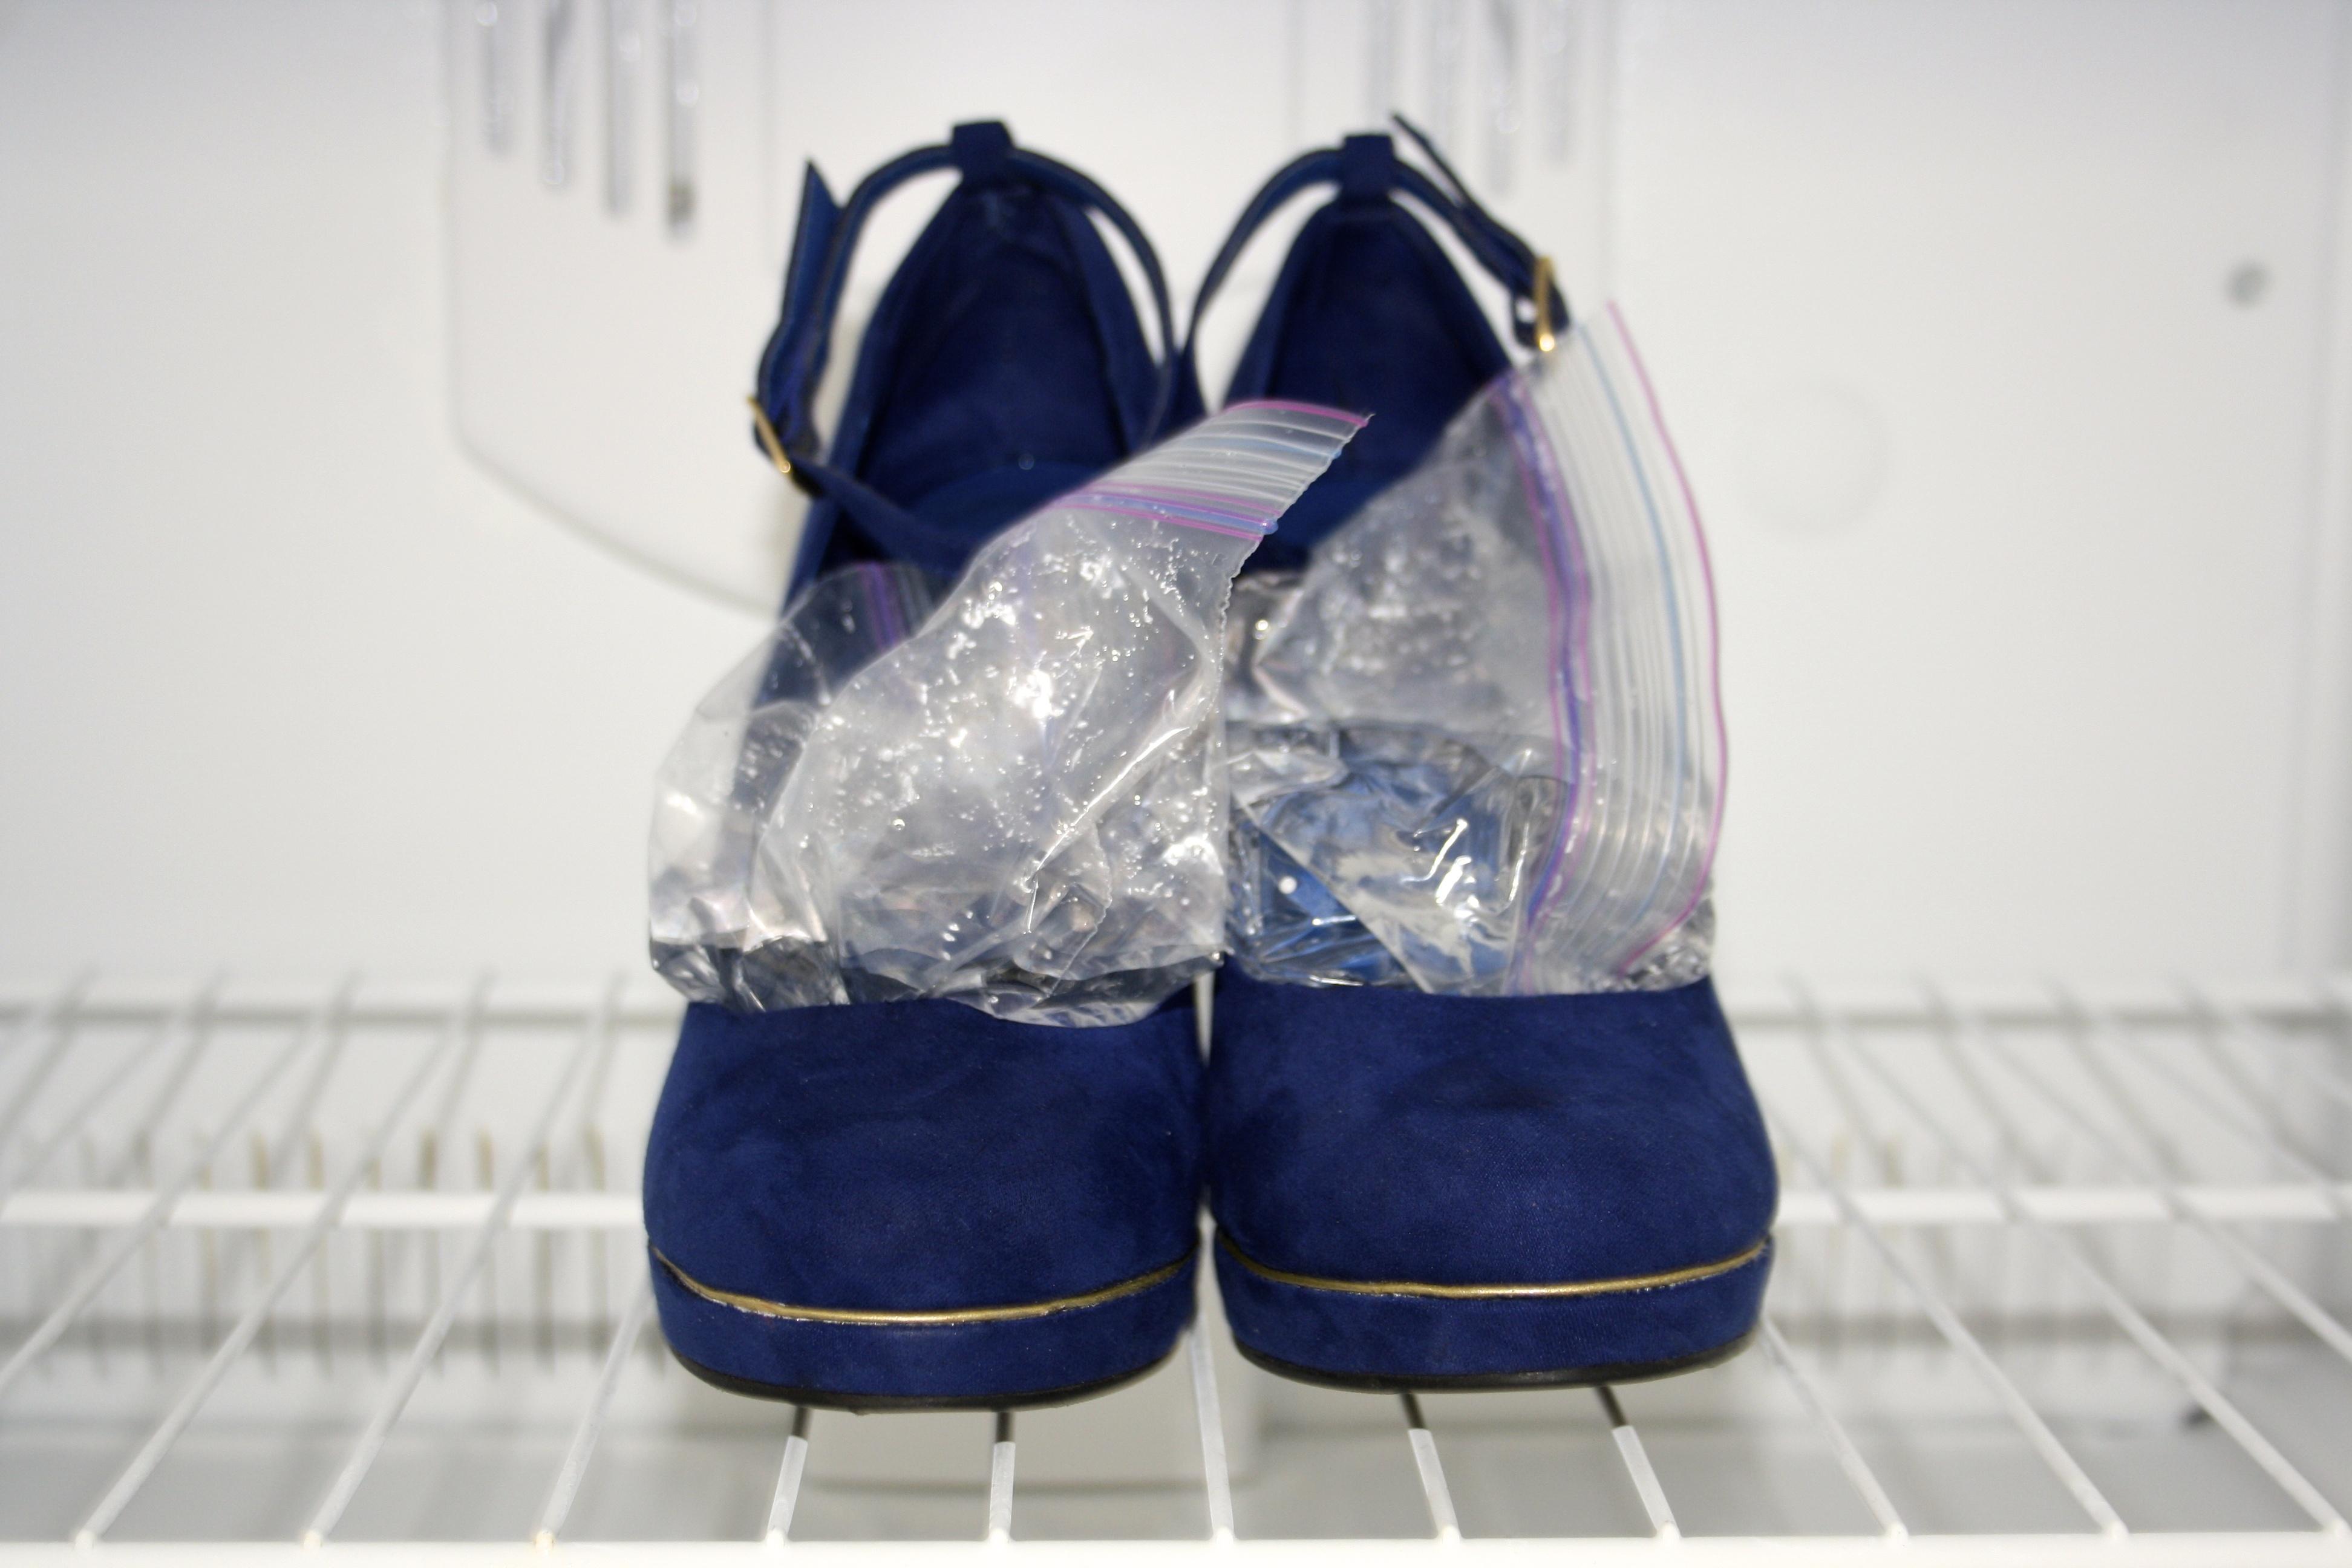 7 astuces pour agrandir des chaussures trop petites. Black Bedroom Furniture Sets. Home Design Ideas